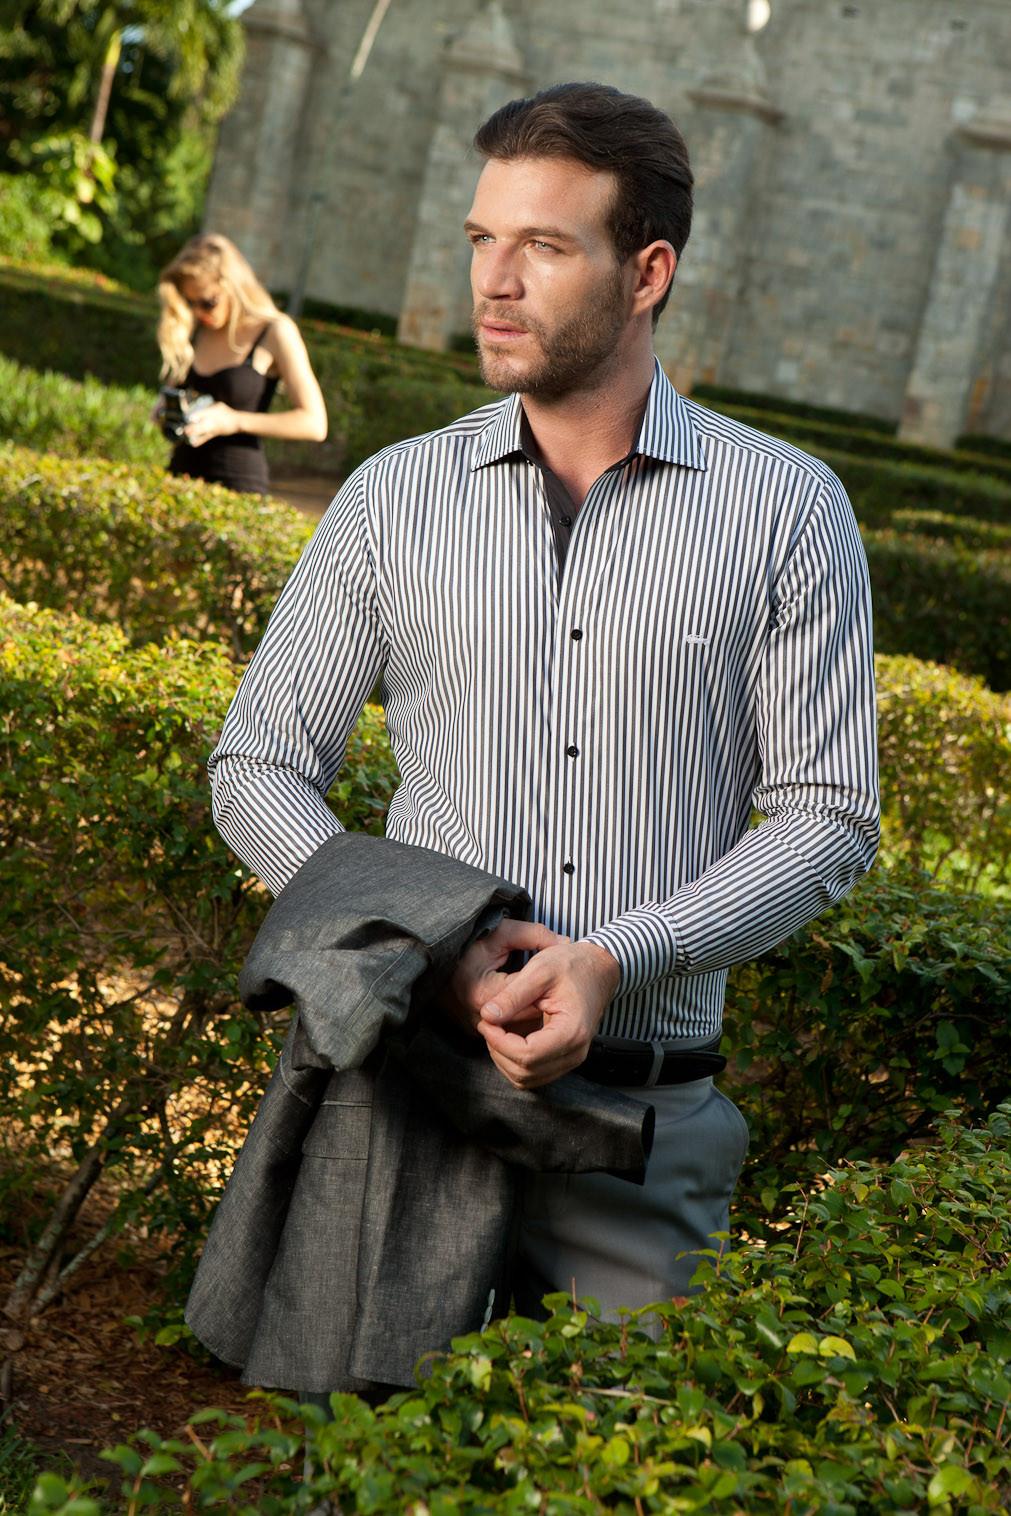 Men's Dress Shirts   White Shirt with Black Stripes   Miltiadis XIII 16